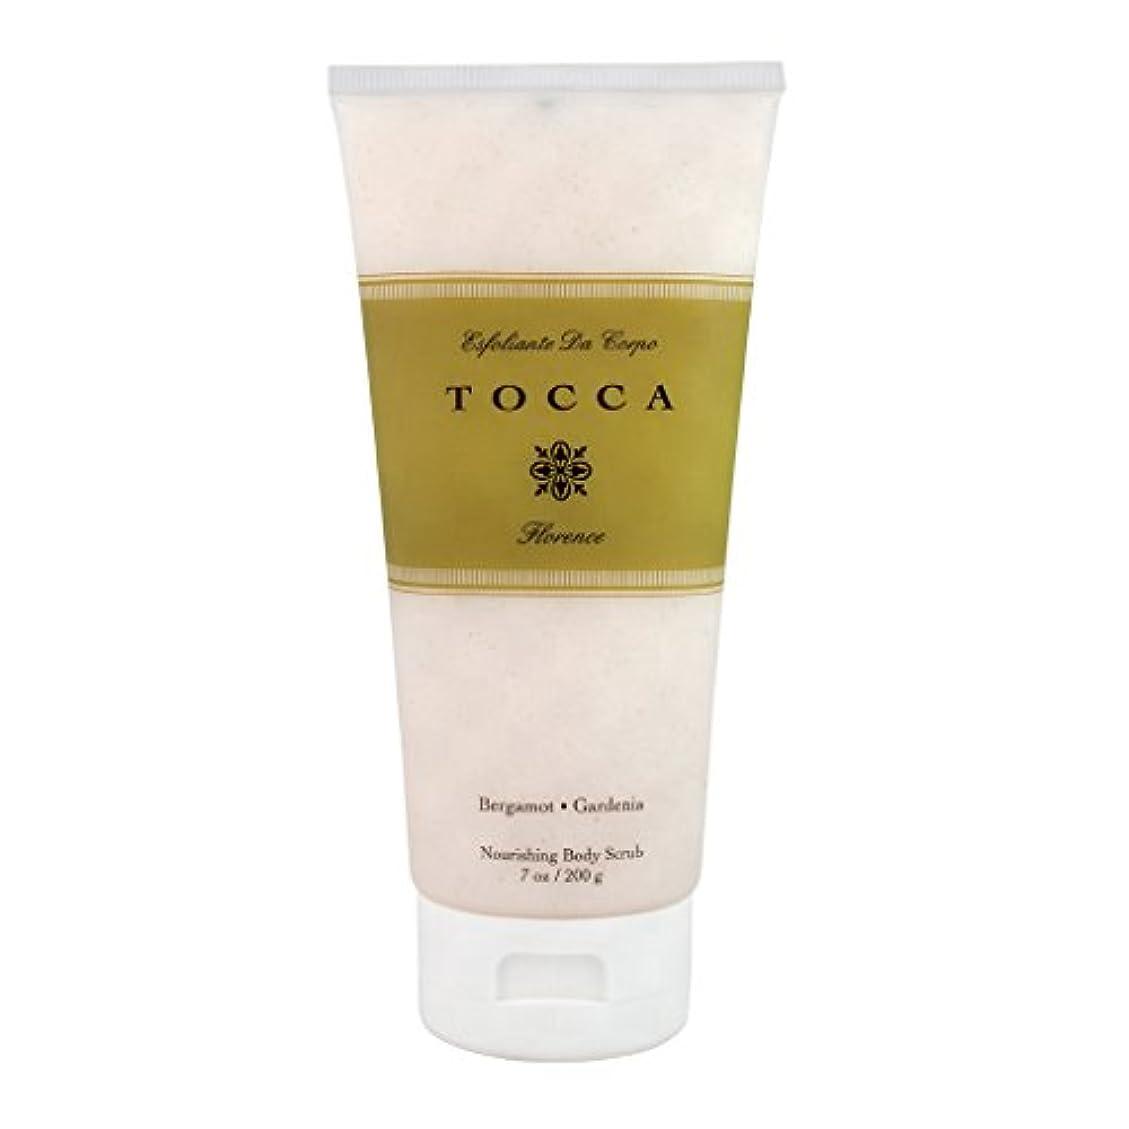 ちっちゃいメディックシャートッカ(TOCCA) ボディーケアスクラブ フローレンスの香り 200ml(全身?ボディー用マッサージ料 ガーデニアとベルガモットが誘うように溶け合うどこまでも上品なフローラルの香り)